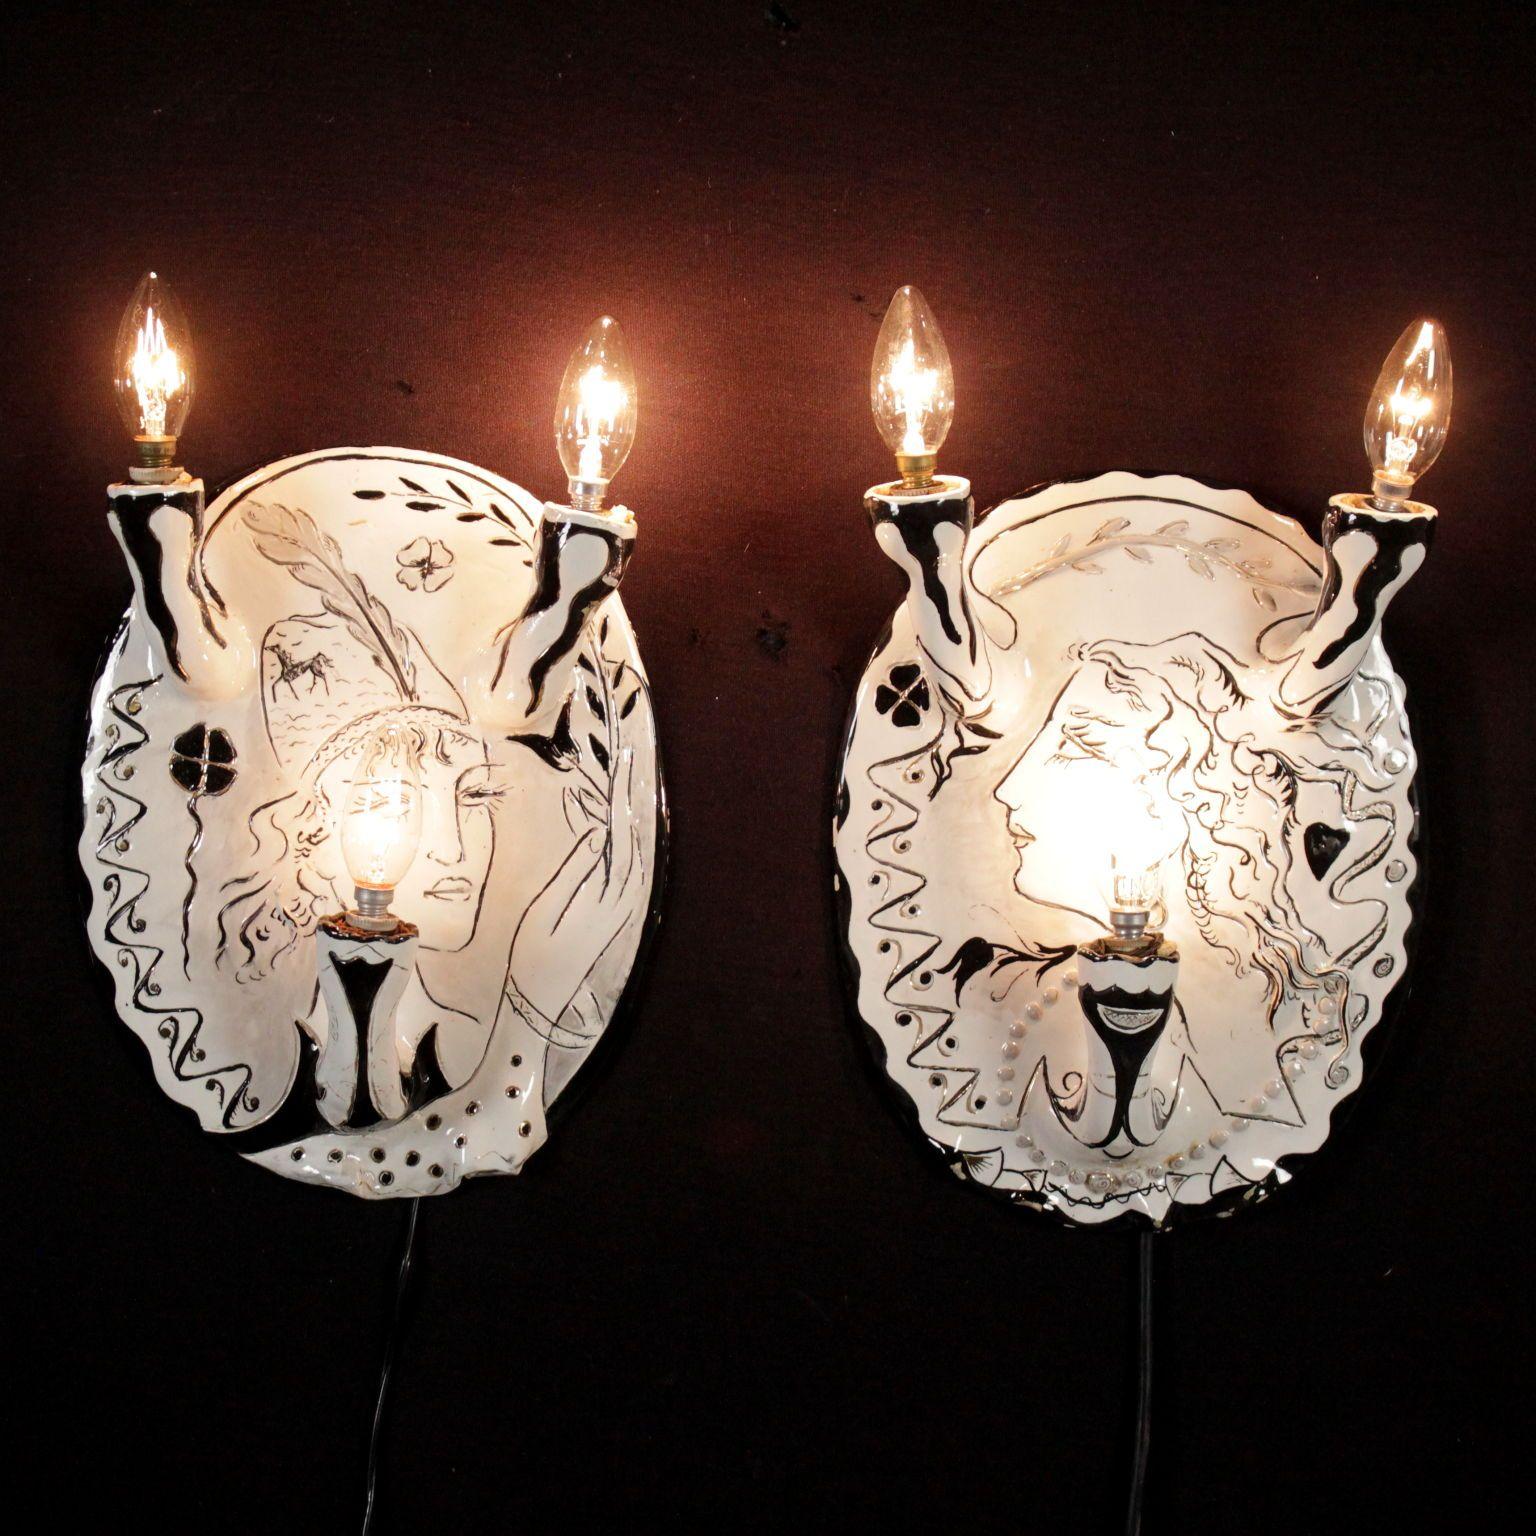 Lampade anni 7080 Lampade, Ceramiche decorative